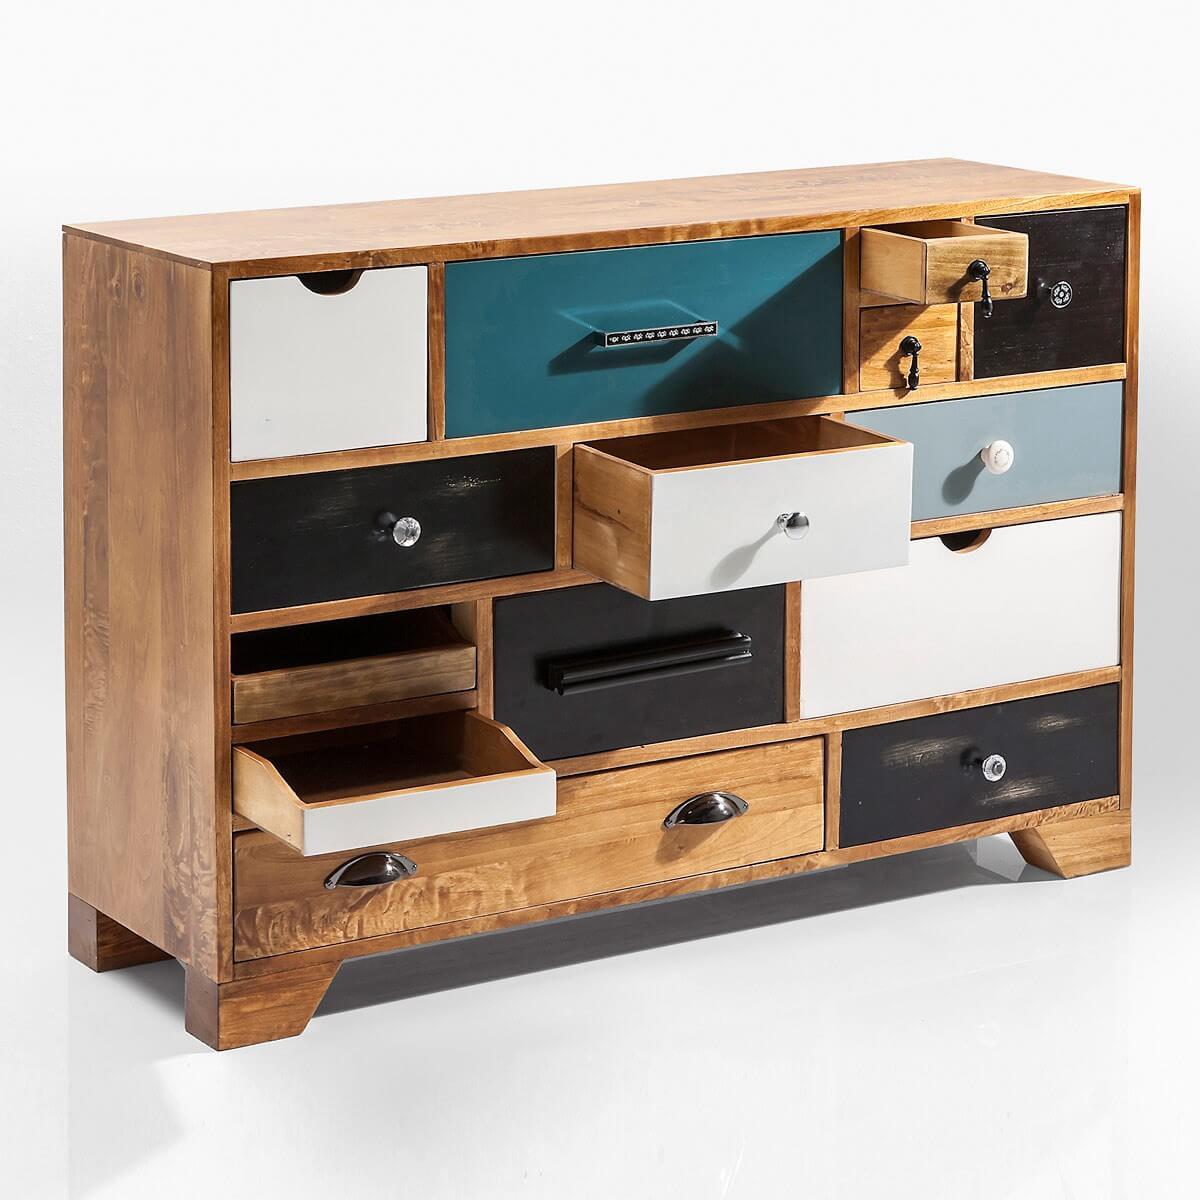 kommode babalou von kare design mit 14 schubladen in braun bunt. Black Bedroom Furniture Sets. Home Design Ideas